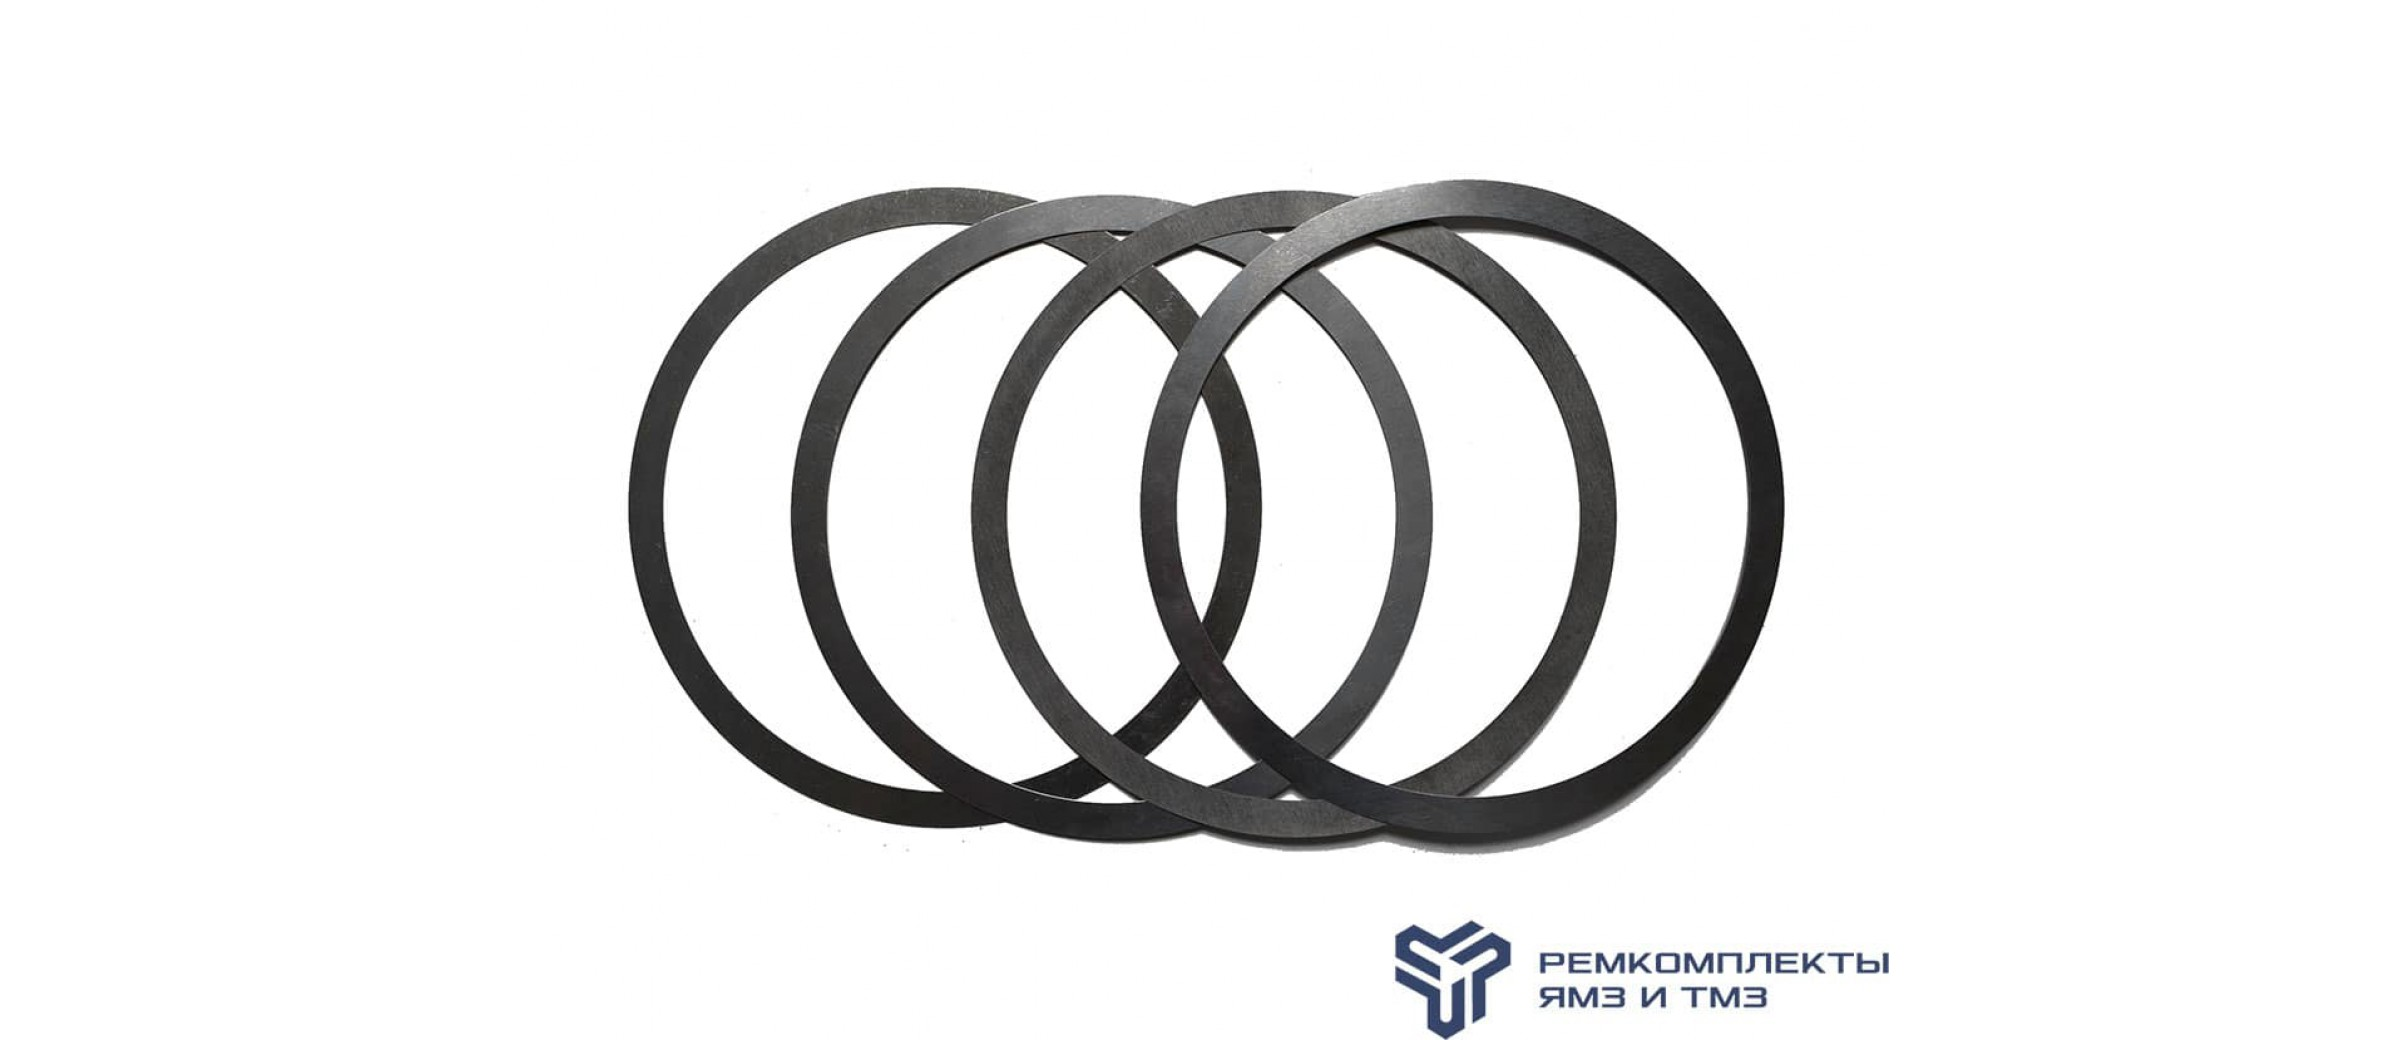 Комплект регулировочных прокладок проставки демультипликатора (КПП-238ВМ)